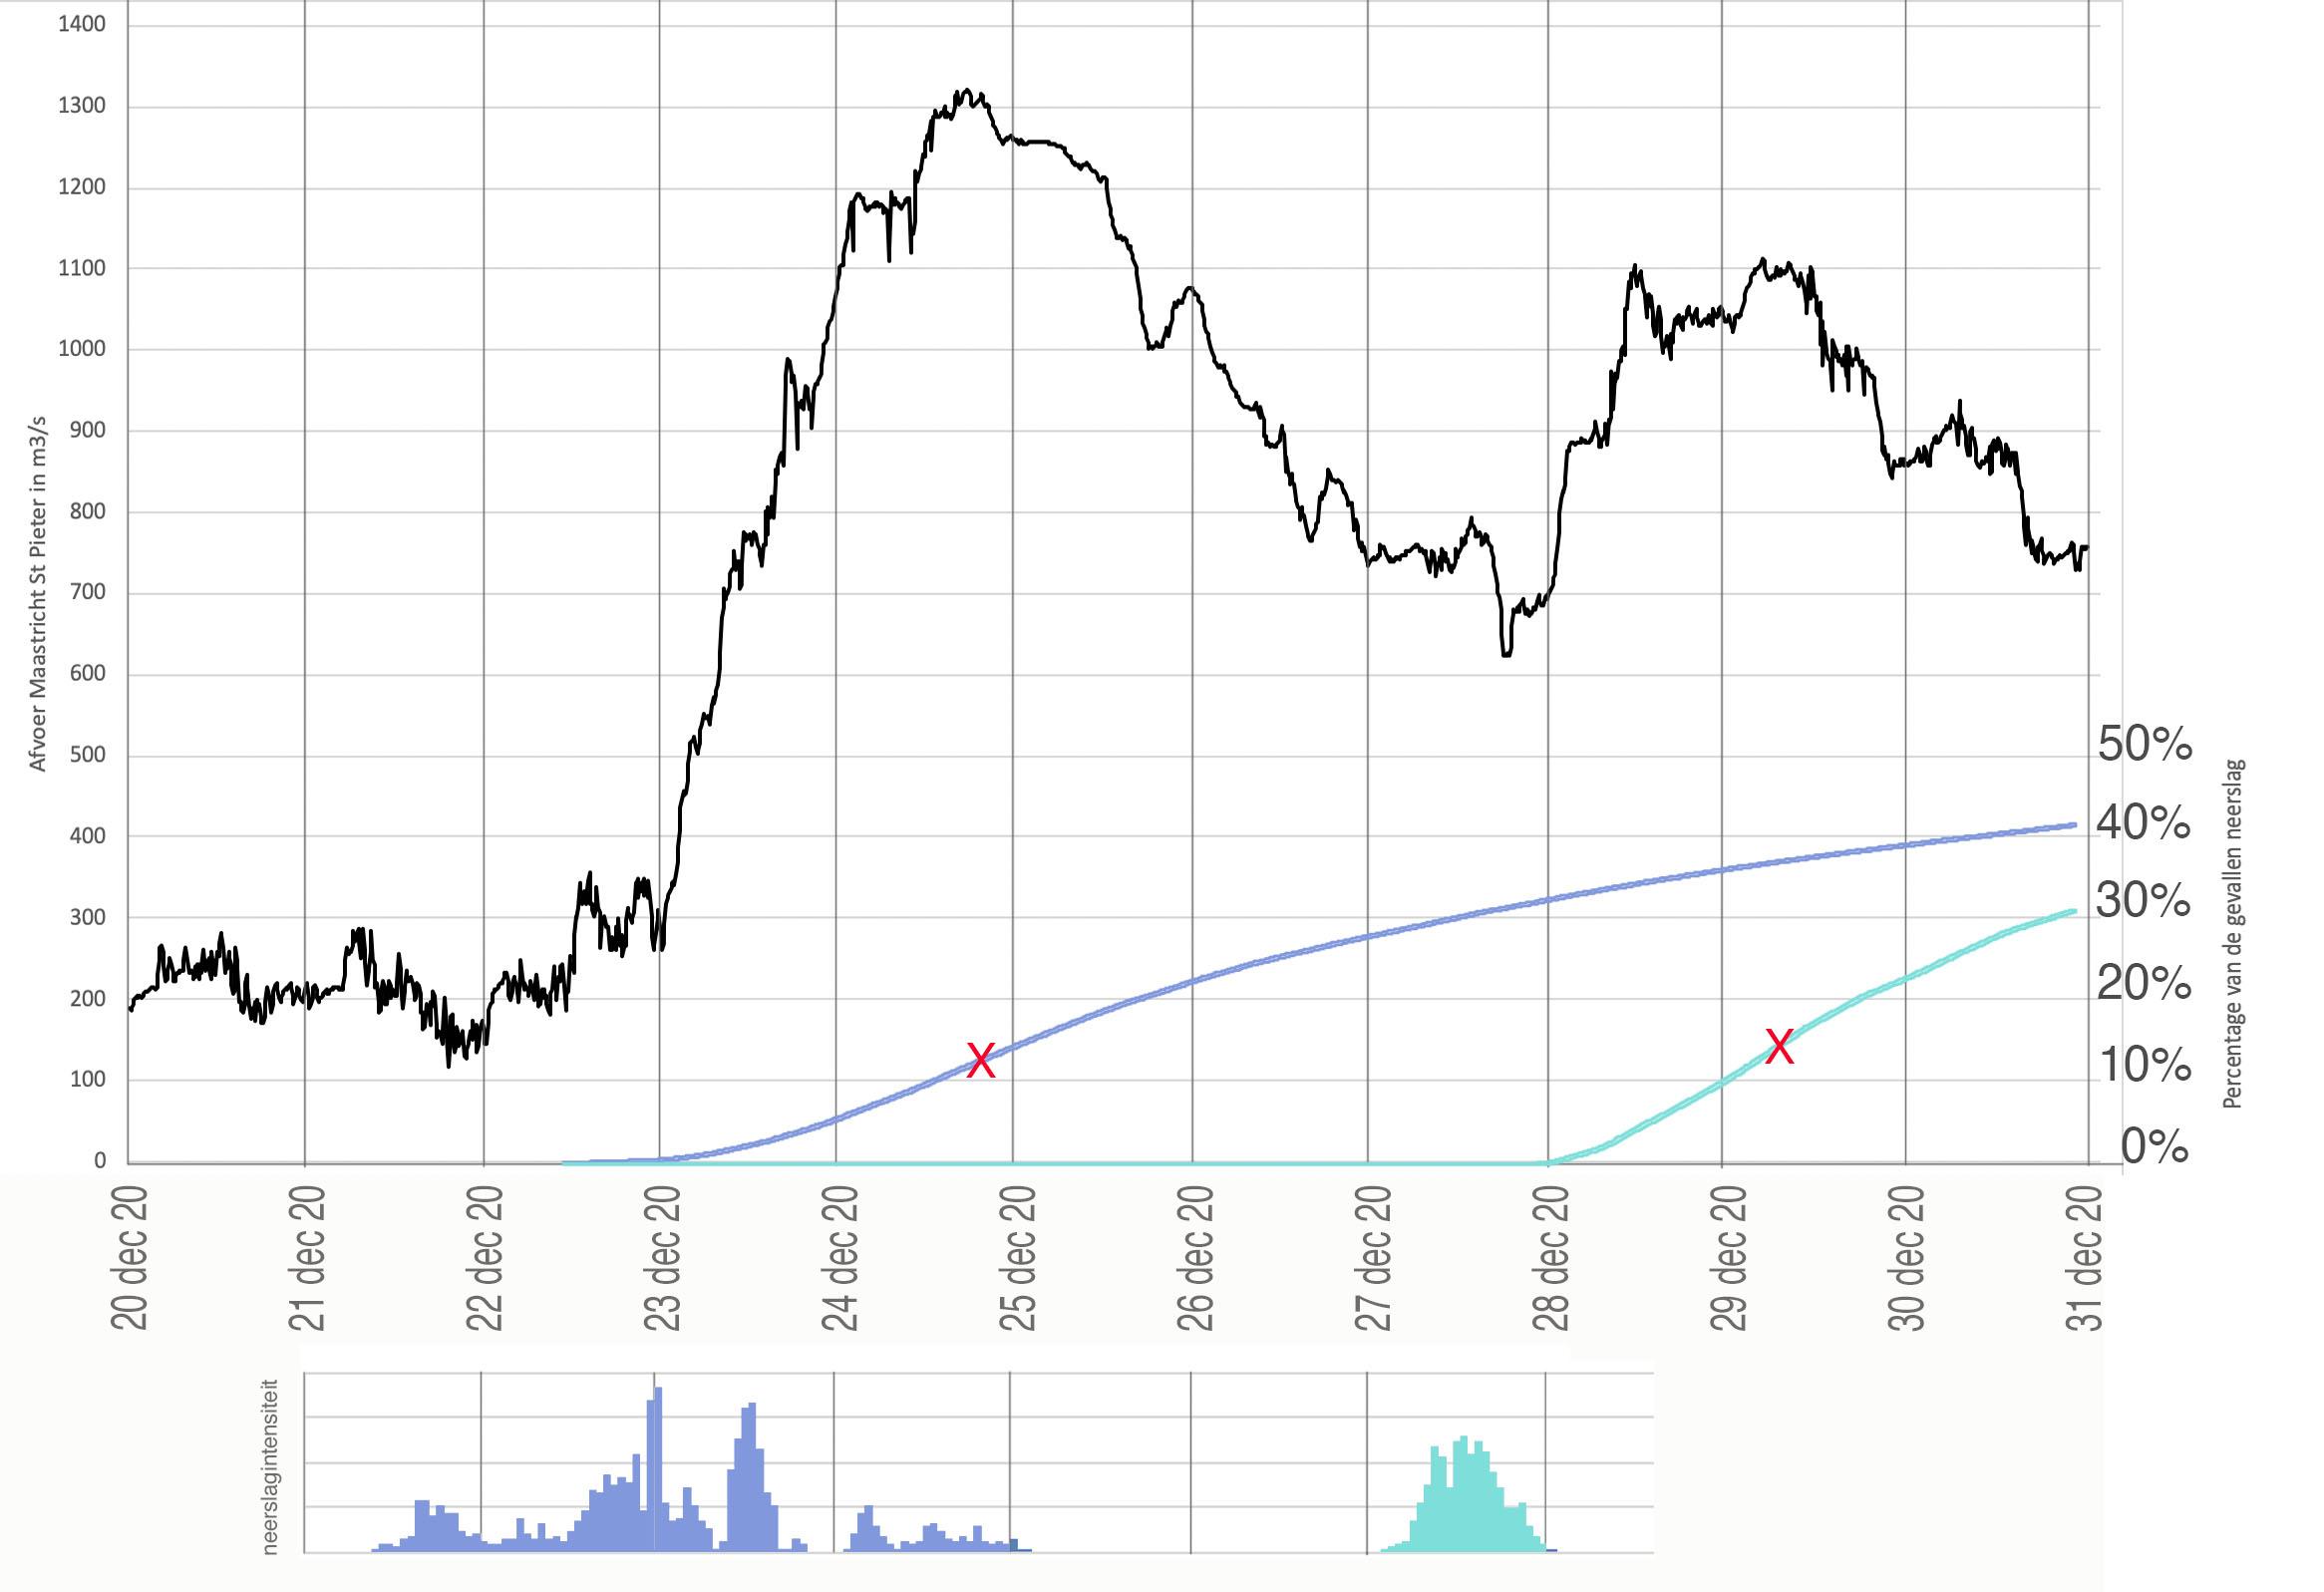 Verloop Maasafvoer bij Maastricht in m3/s (zwarte lijn) en het percentage  water van de beide regenperioden dat is afgevoerd  (donkerblauwe lijn: 1e periode, lichtblauw: 2e periode).